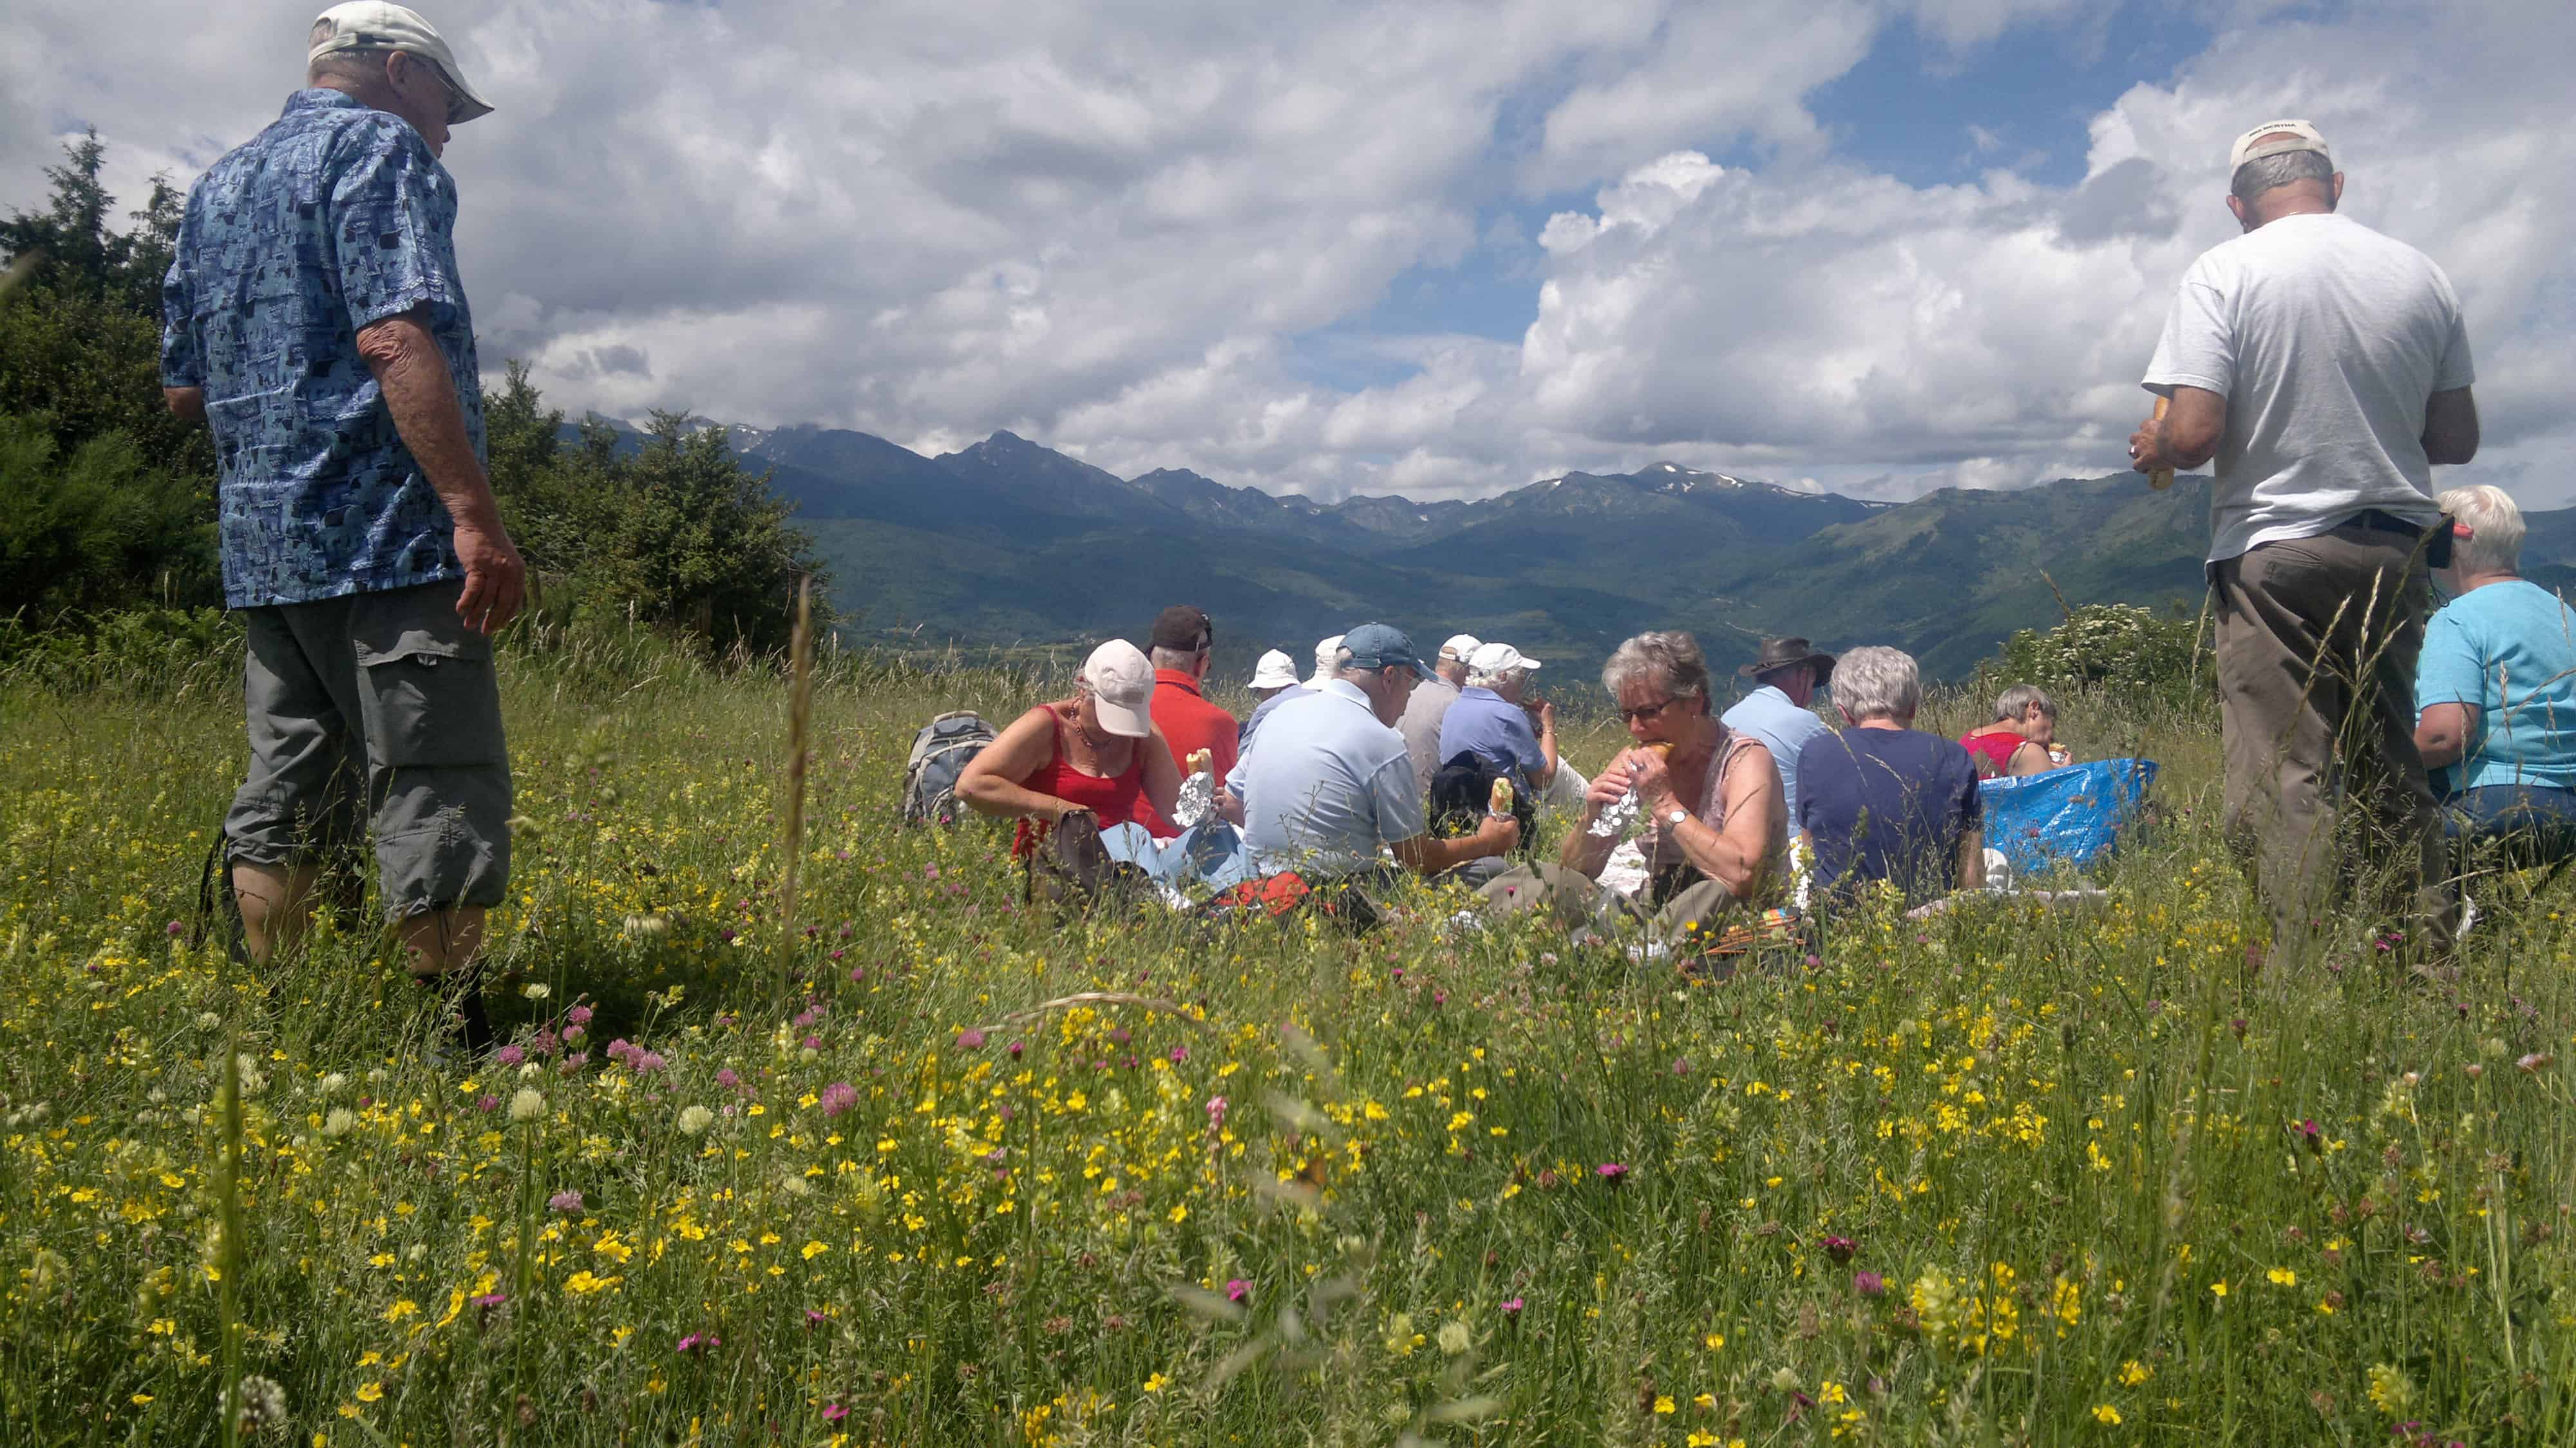 Gruppe af mennesker spiser sandwich i græsset med gule blomster. Bjergene ses i baggrunden